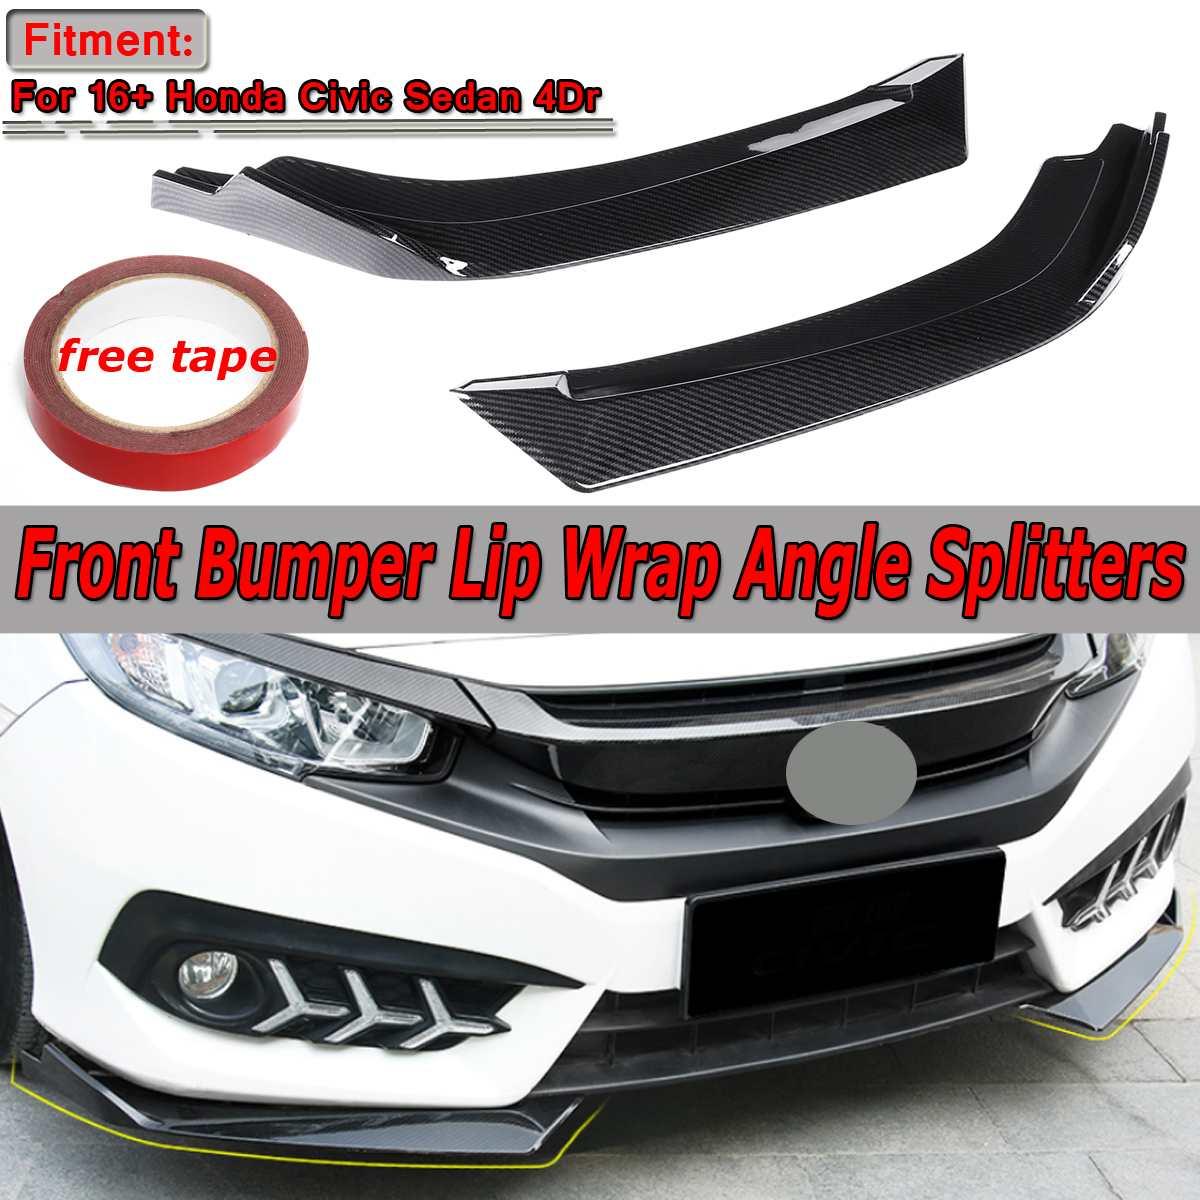 Высокое качество 2xcar Универсальный передний бампер для губ разветвитель обмотки угол рассеиватель Spolier Guard для Honda Для Civic Sedan 4Dr 2016 2018